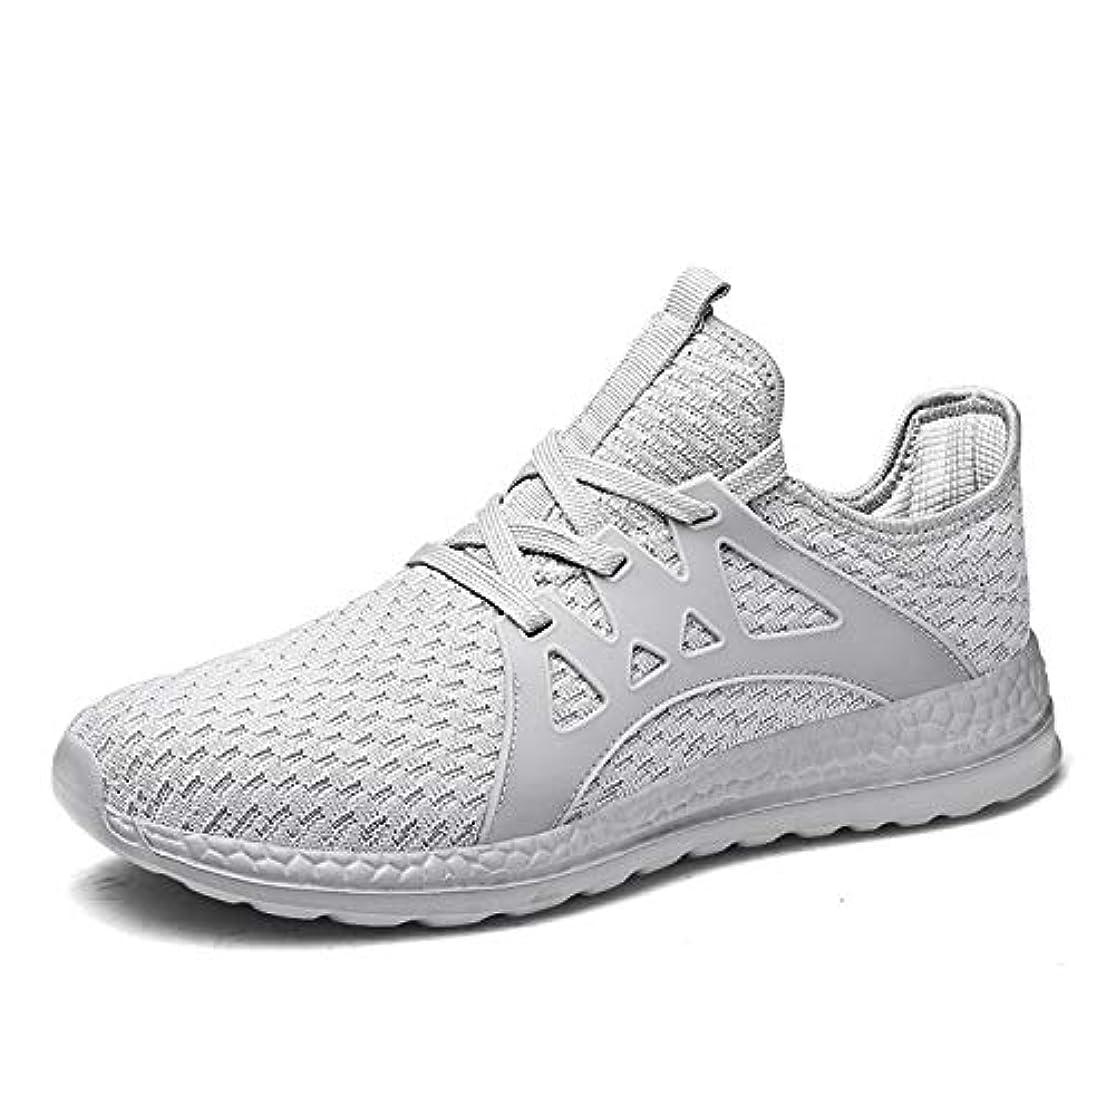 習熟度そっとエジプト人[Nomioce] ウォーキングシューズ ランニングシューズ メンズ レディース 運動靴 スポーツシューズ 軽量 通勤 通学 靴 スニーカー 男女兼用 歩きやすい 通気 カジュアル